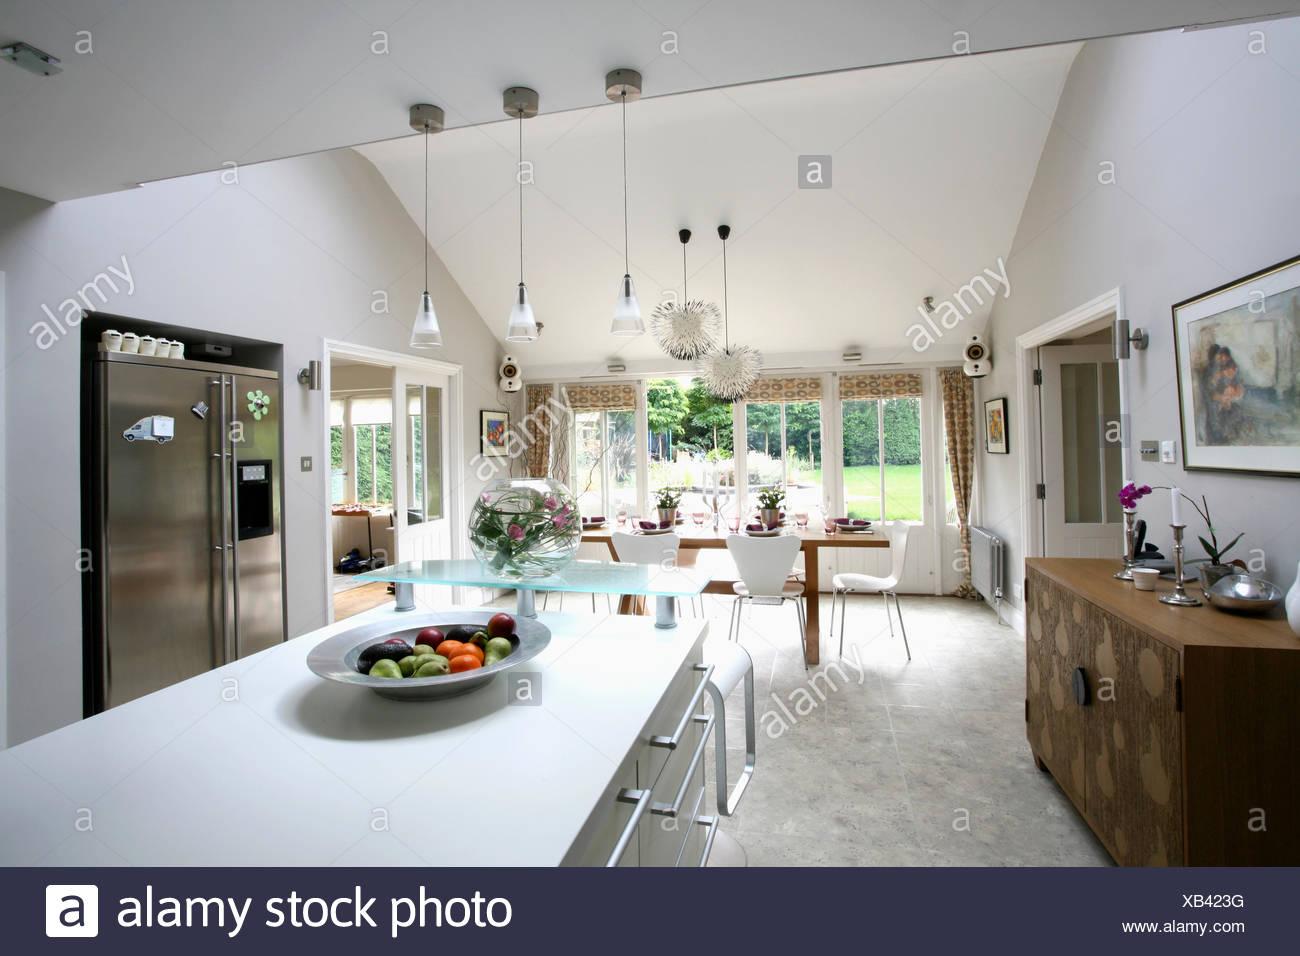 Küche Mit Kühl Gefrierkombination | Rechteckige Insel Einheit Und Granit Fussboden In Grosse Moderne